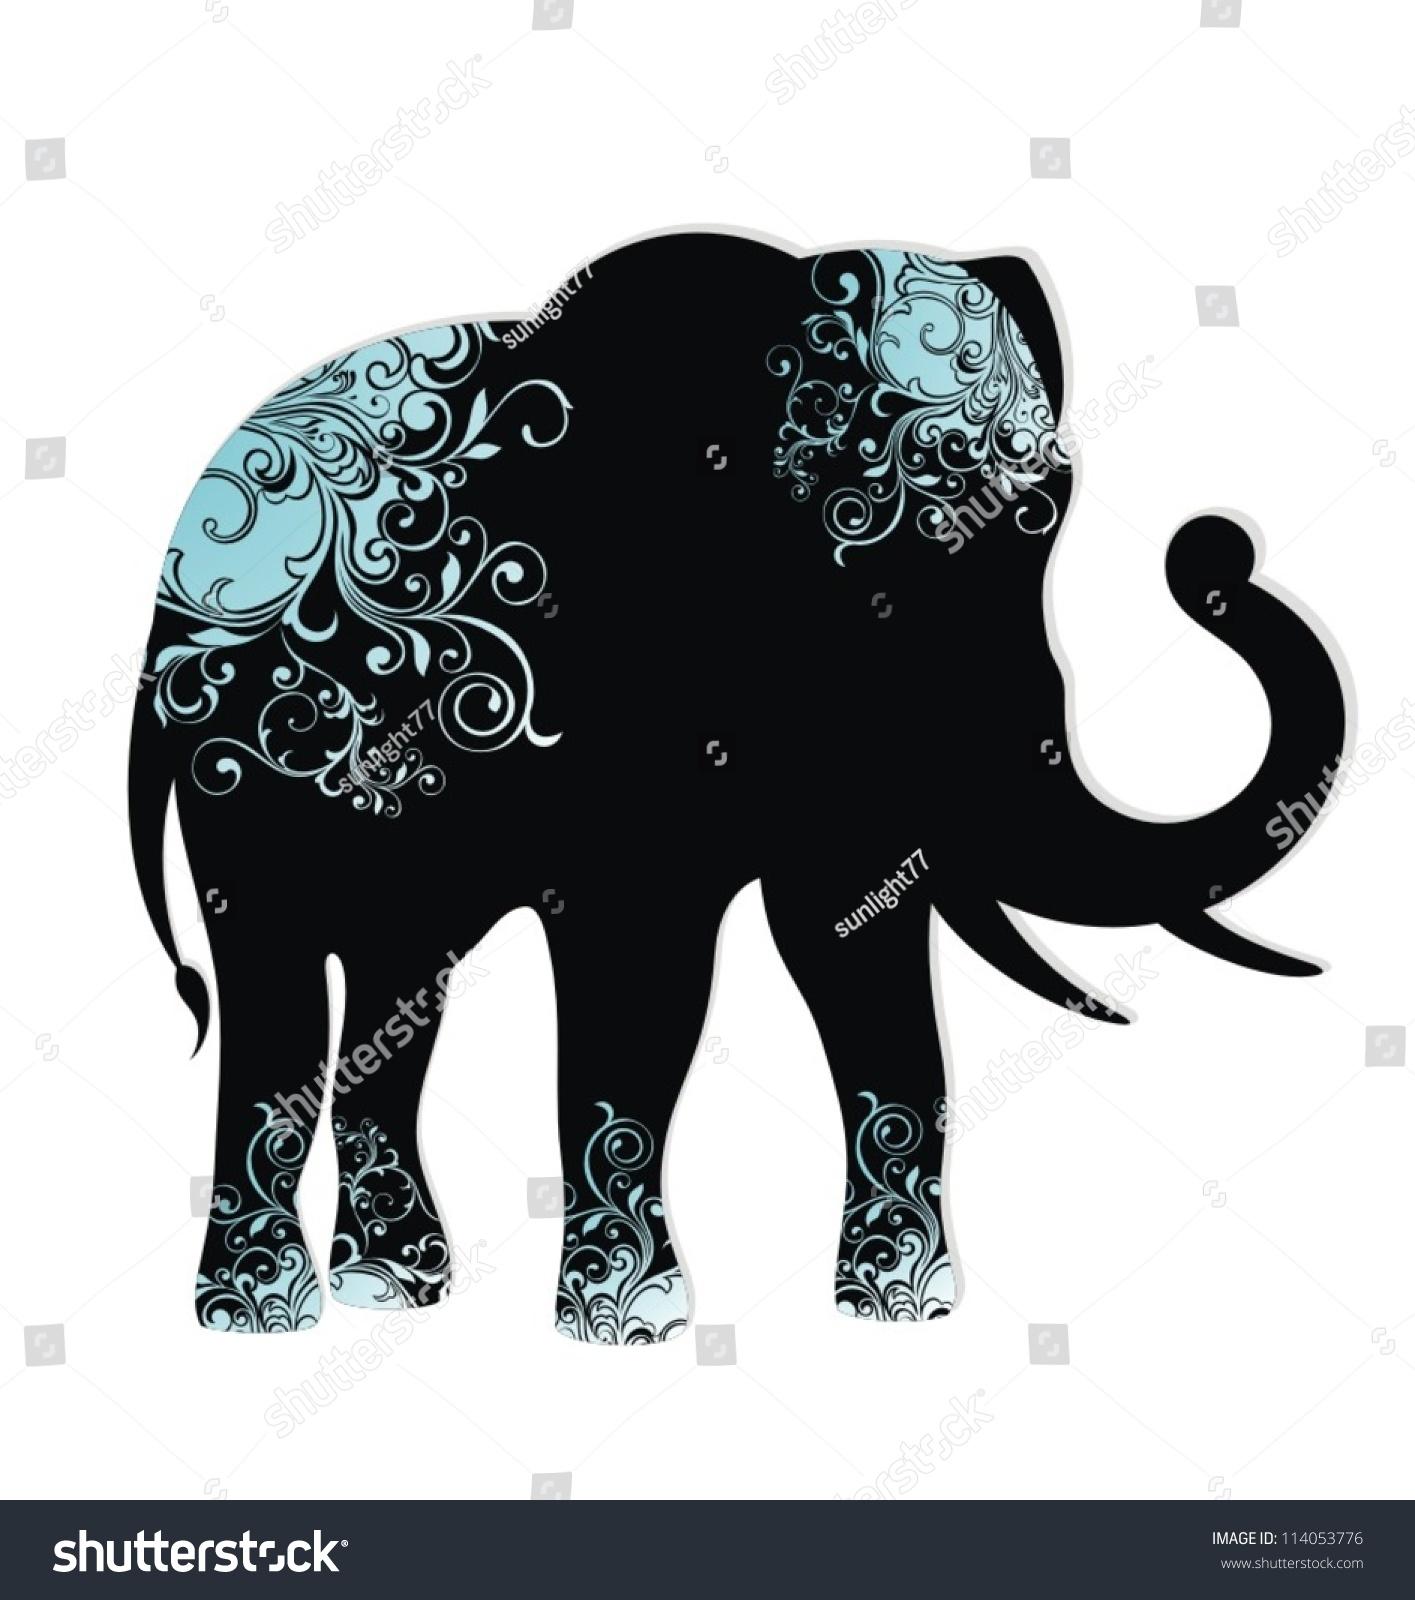 大象的剪影-动物/野生生物,抽象-海洛创意(hellorf)-.